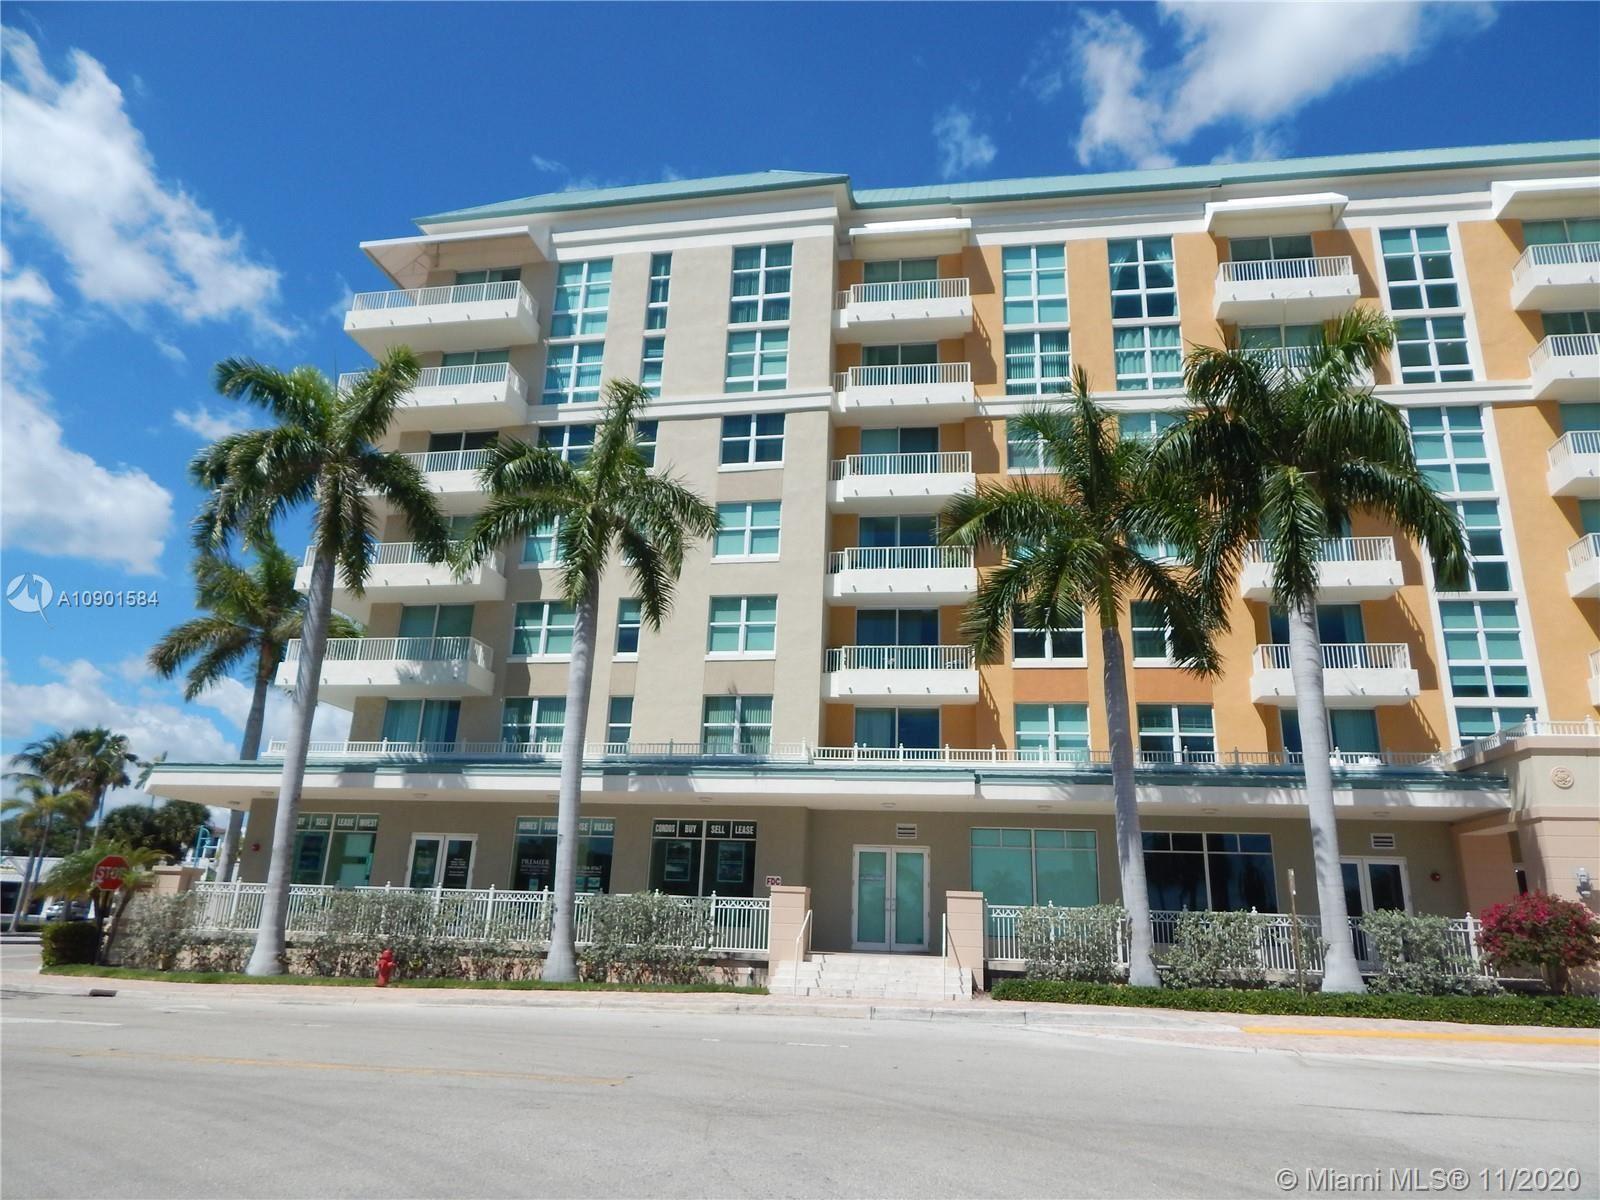 100 NE 6th St #407, Boynton Beach, FL 33435 - #: A10901584